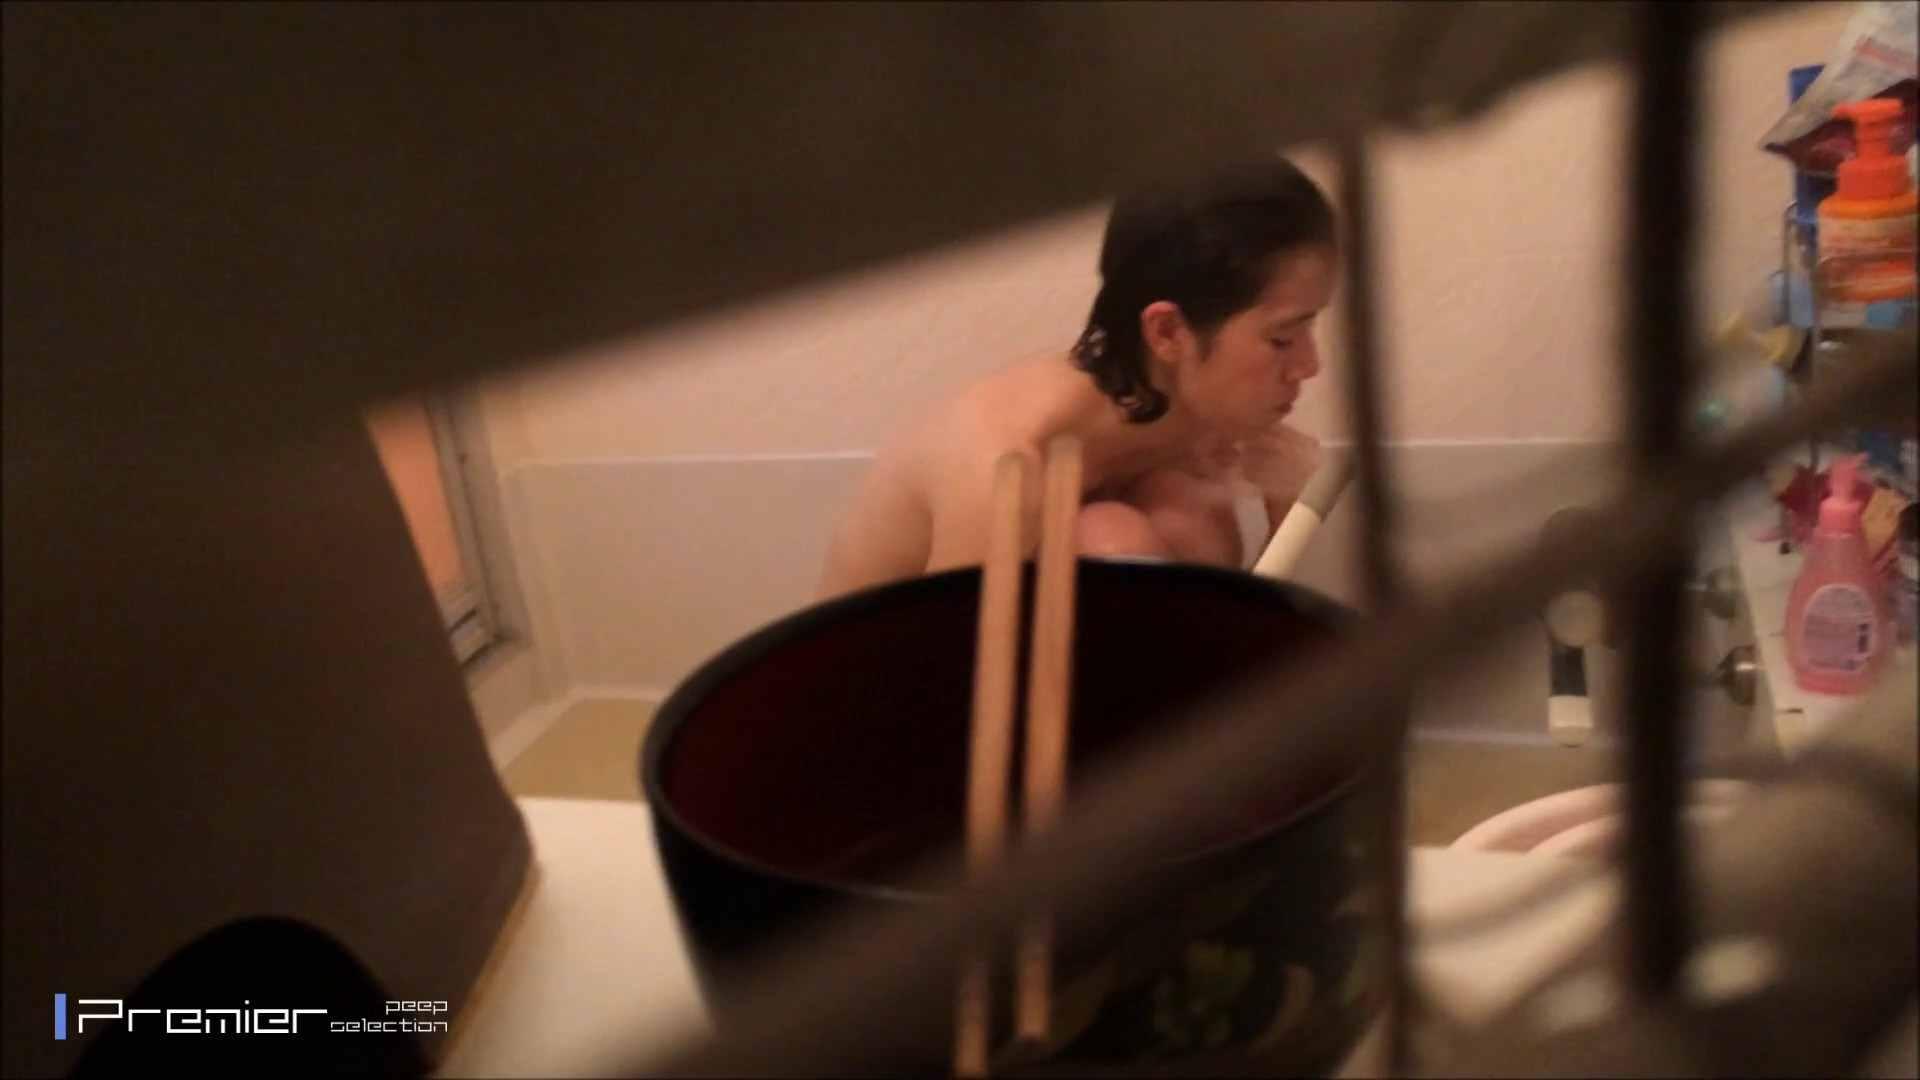 高画質フルハイビジョン スレンダー美女の入浴 乙女の風呂場 Vol.04 乙女もsex SEX無修正画像 76枚 58